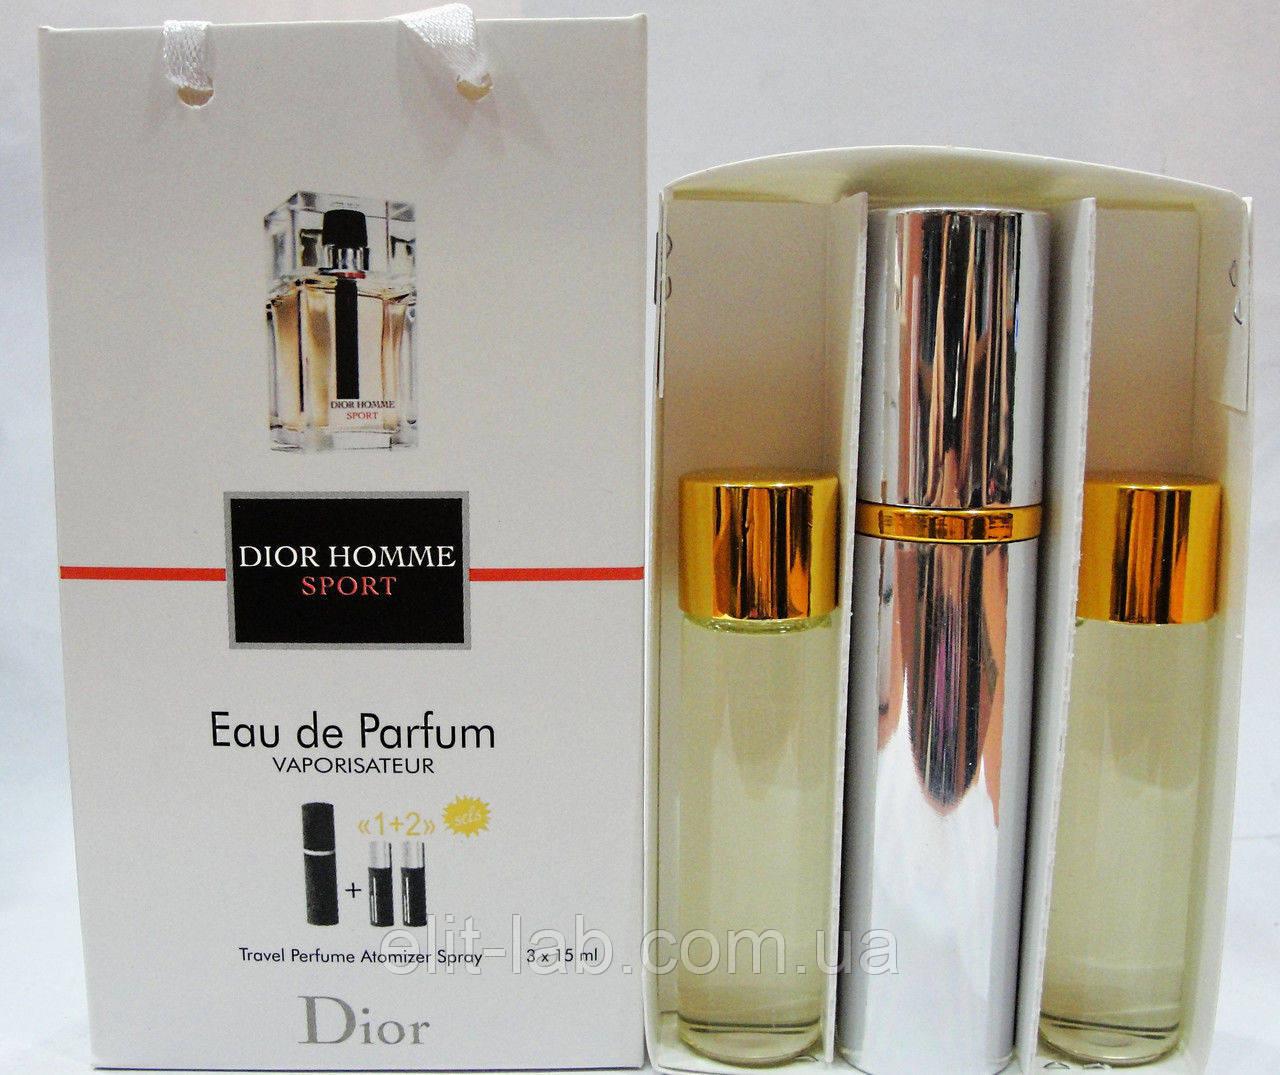 b43452838b24 Набор мужских пробников Christian Dior Dior Homme Sport (Диор Хоум Спорт) с  феромонами,